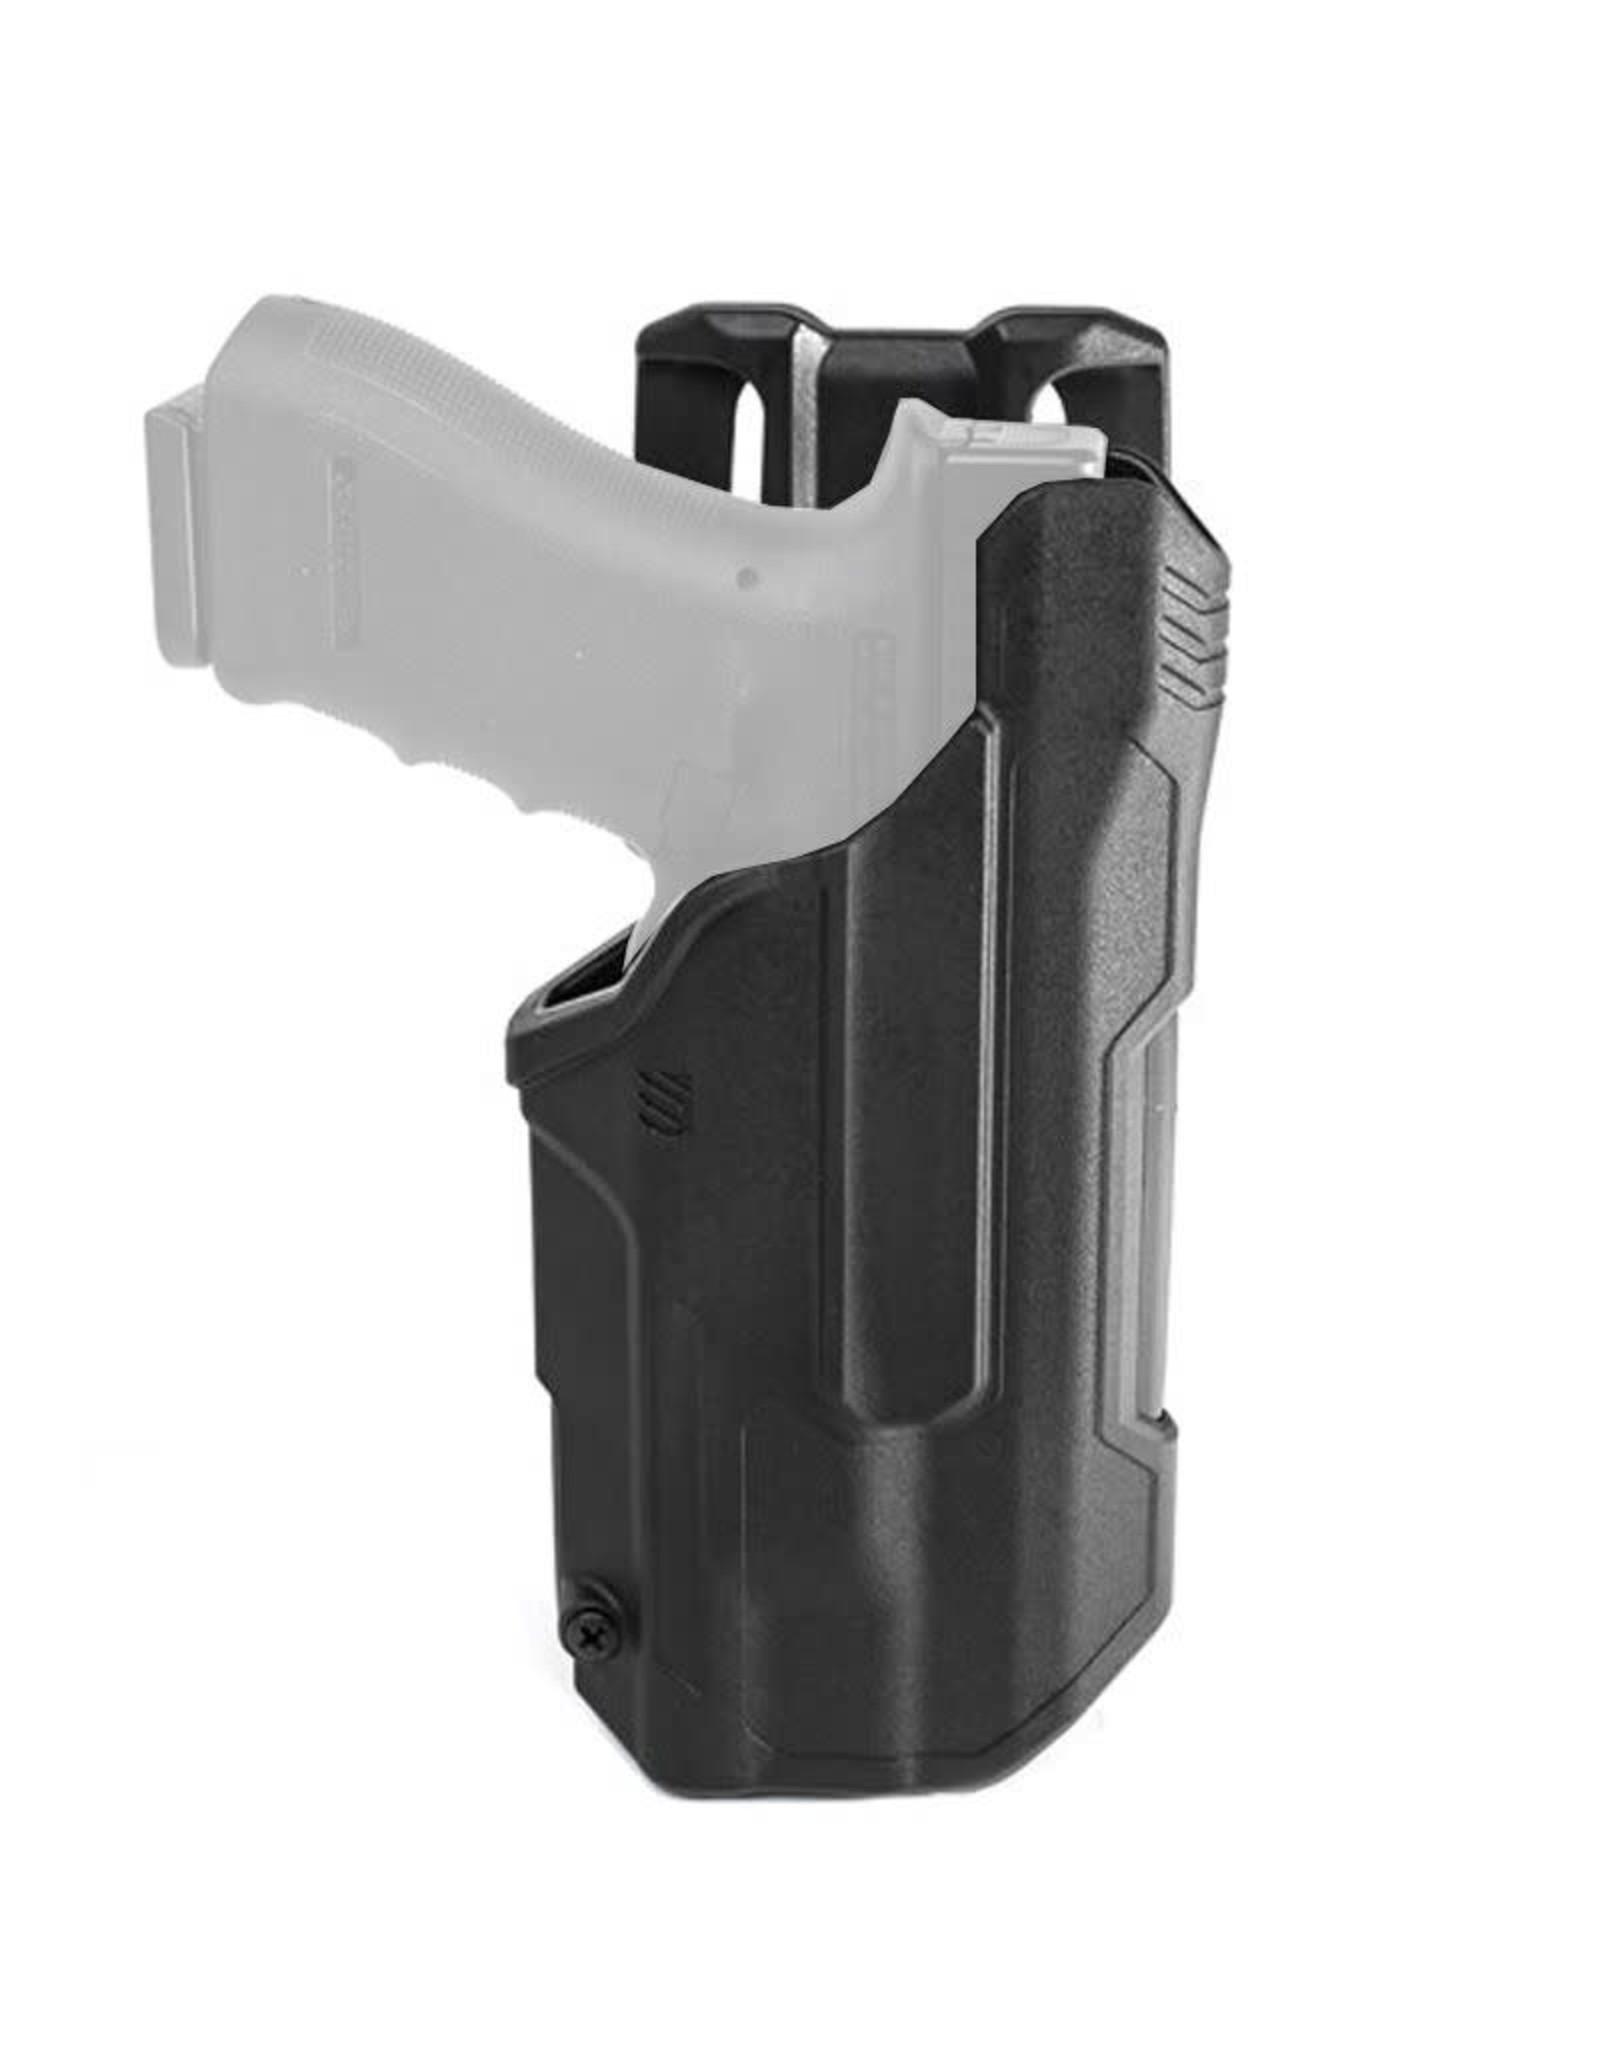 Blackhawk T-Series L2c Black Polymer - Glock 17/19/22/23/31/32/45